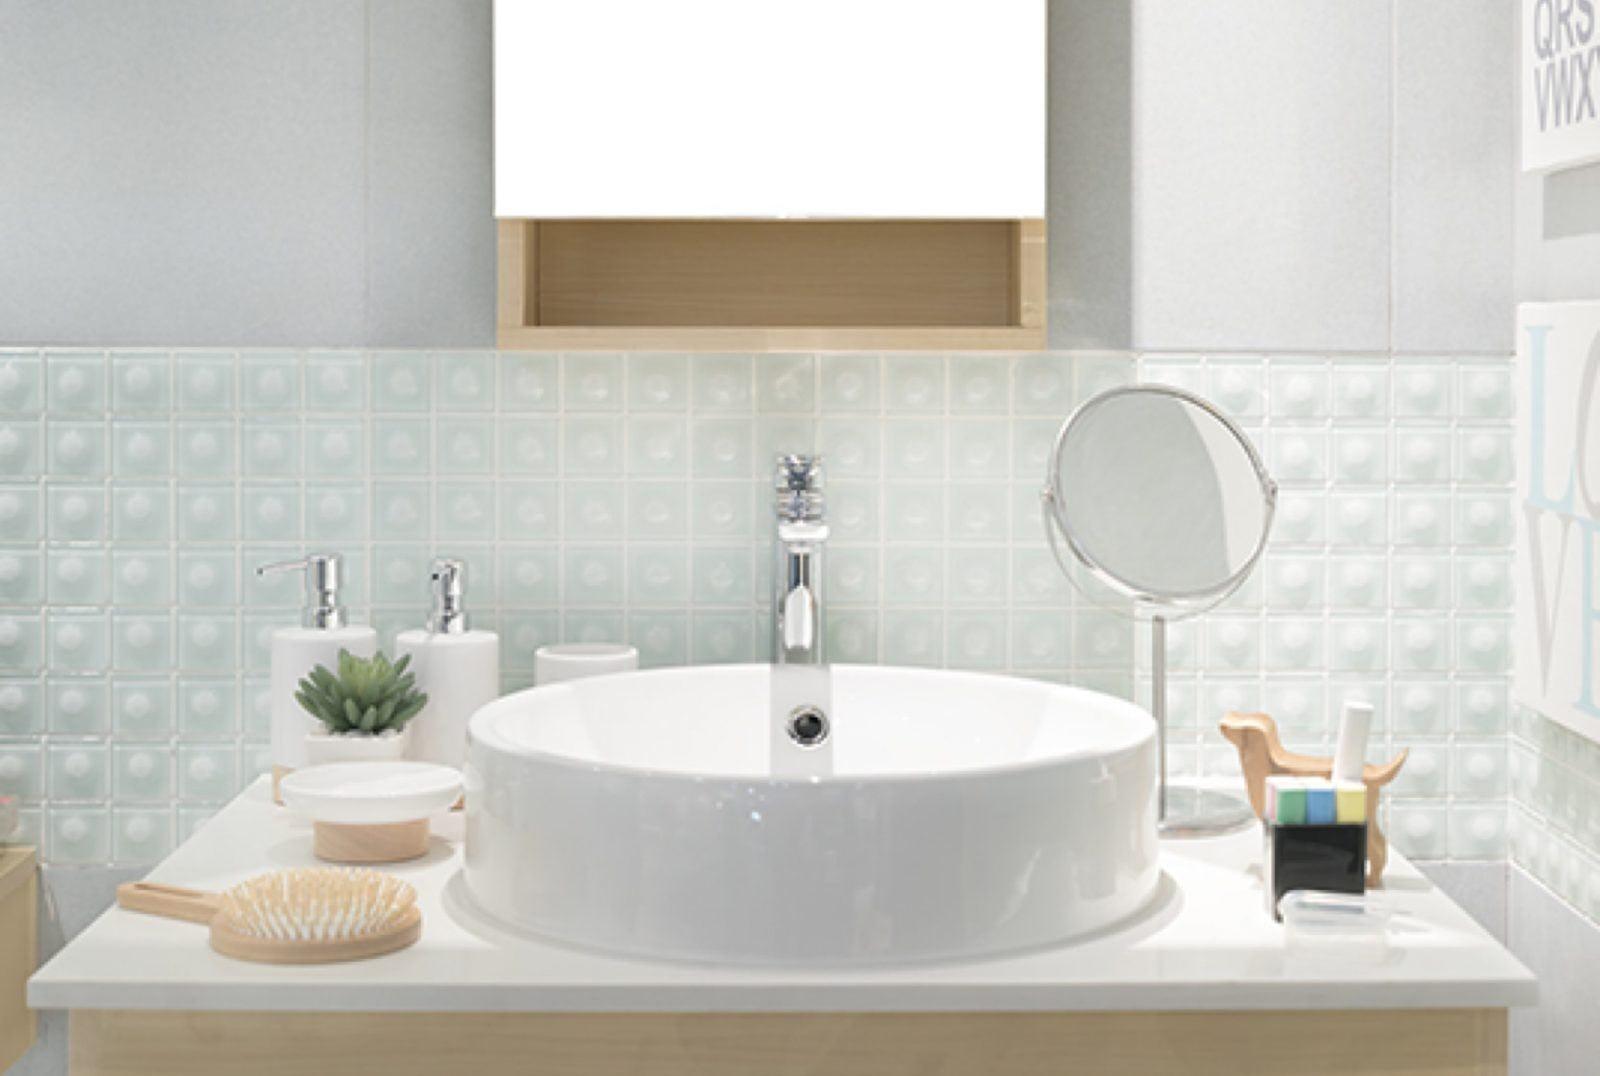 photo d'équipement de baignoire